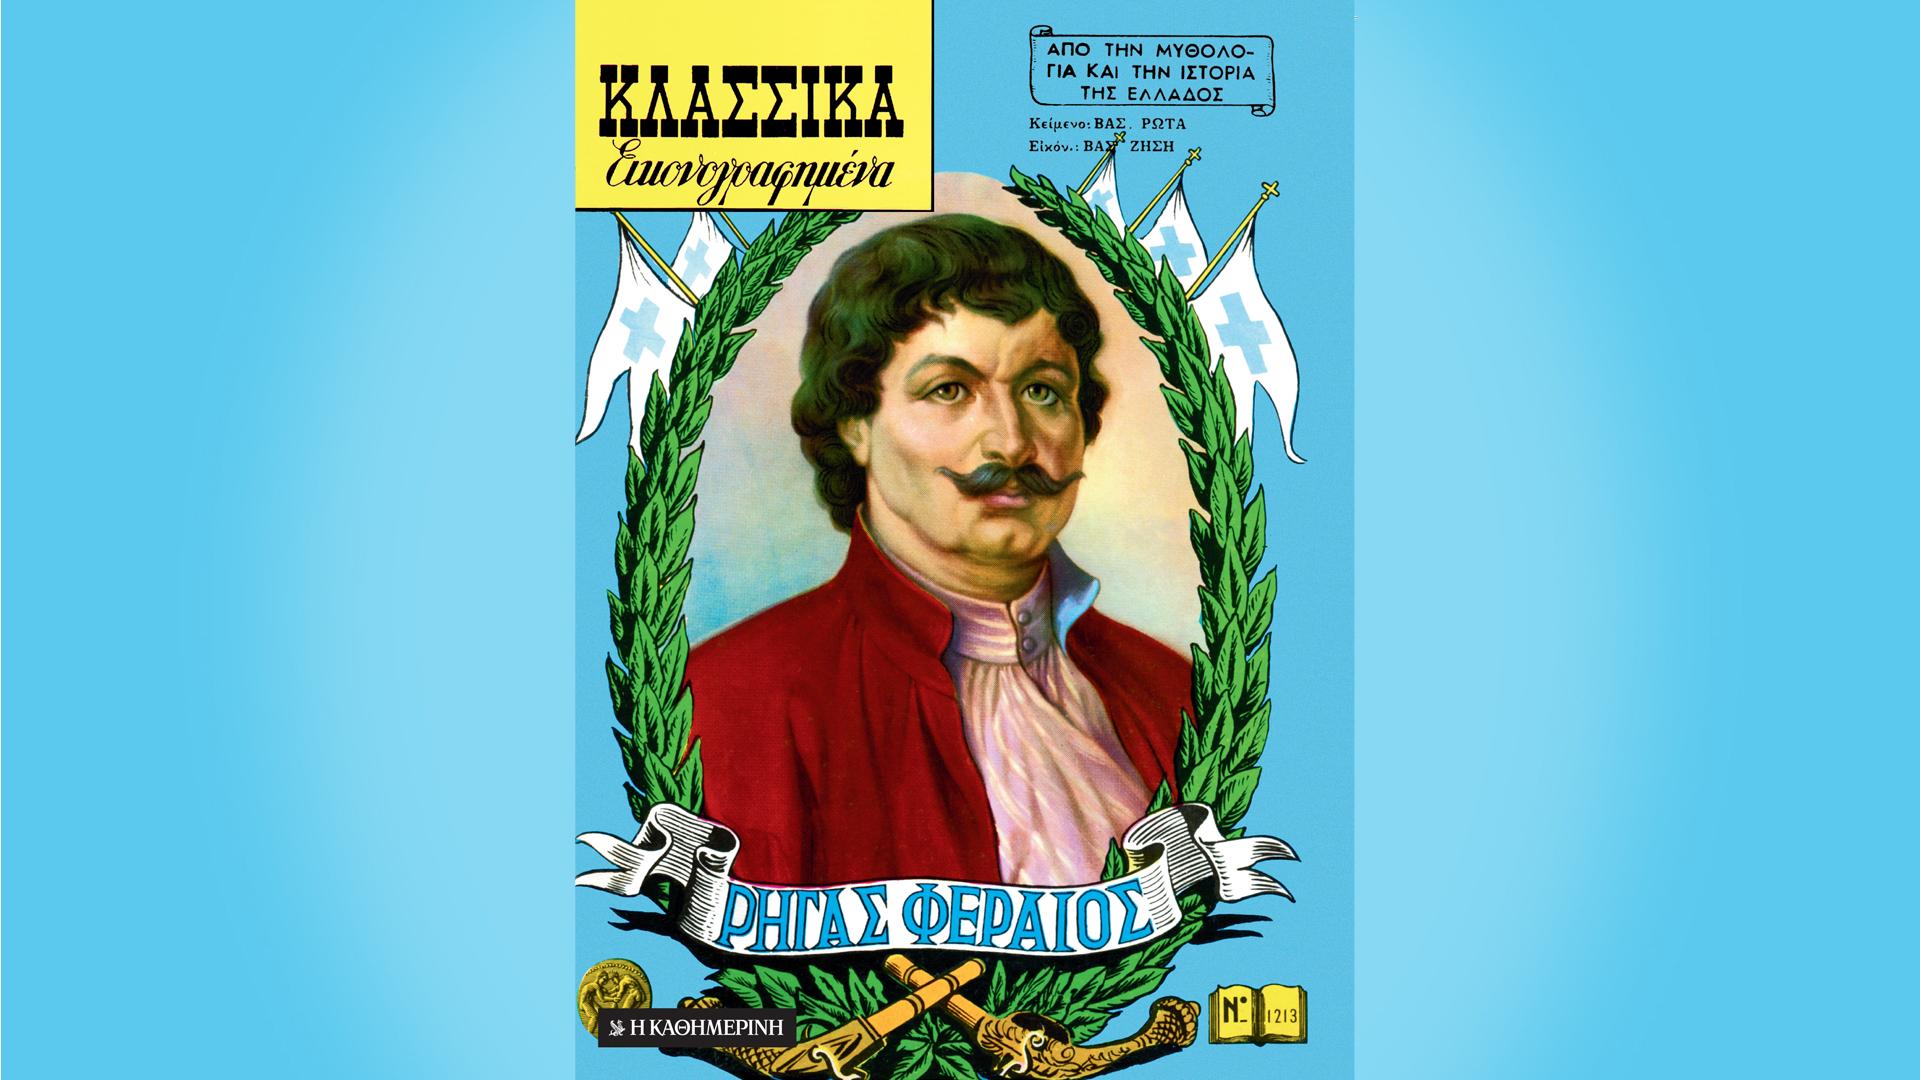 ayti-tin-kyriaki-me-tin-kathimerini-gastronomos-mancode-klassika-eikonografimena-rigas-feraios-periodiko-k-taxidia5